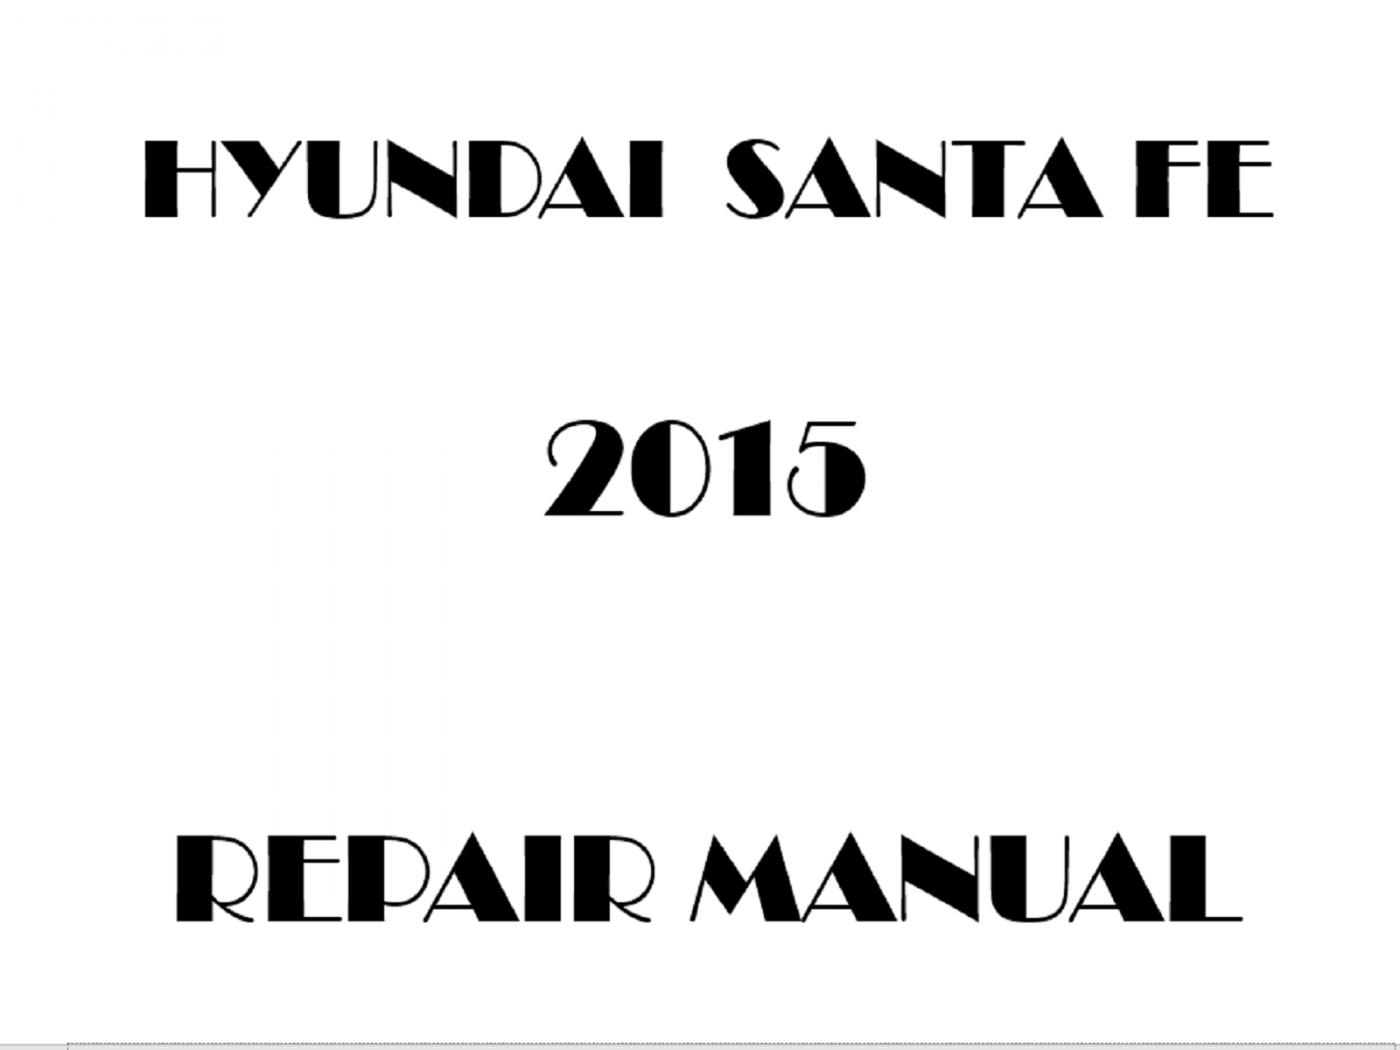 2015 Hyundai Santa Fe Repair Manual